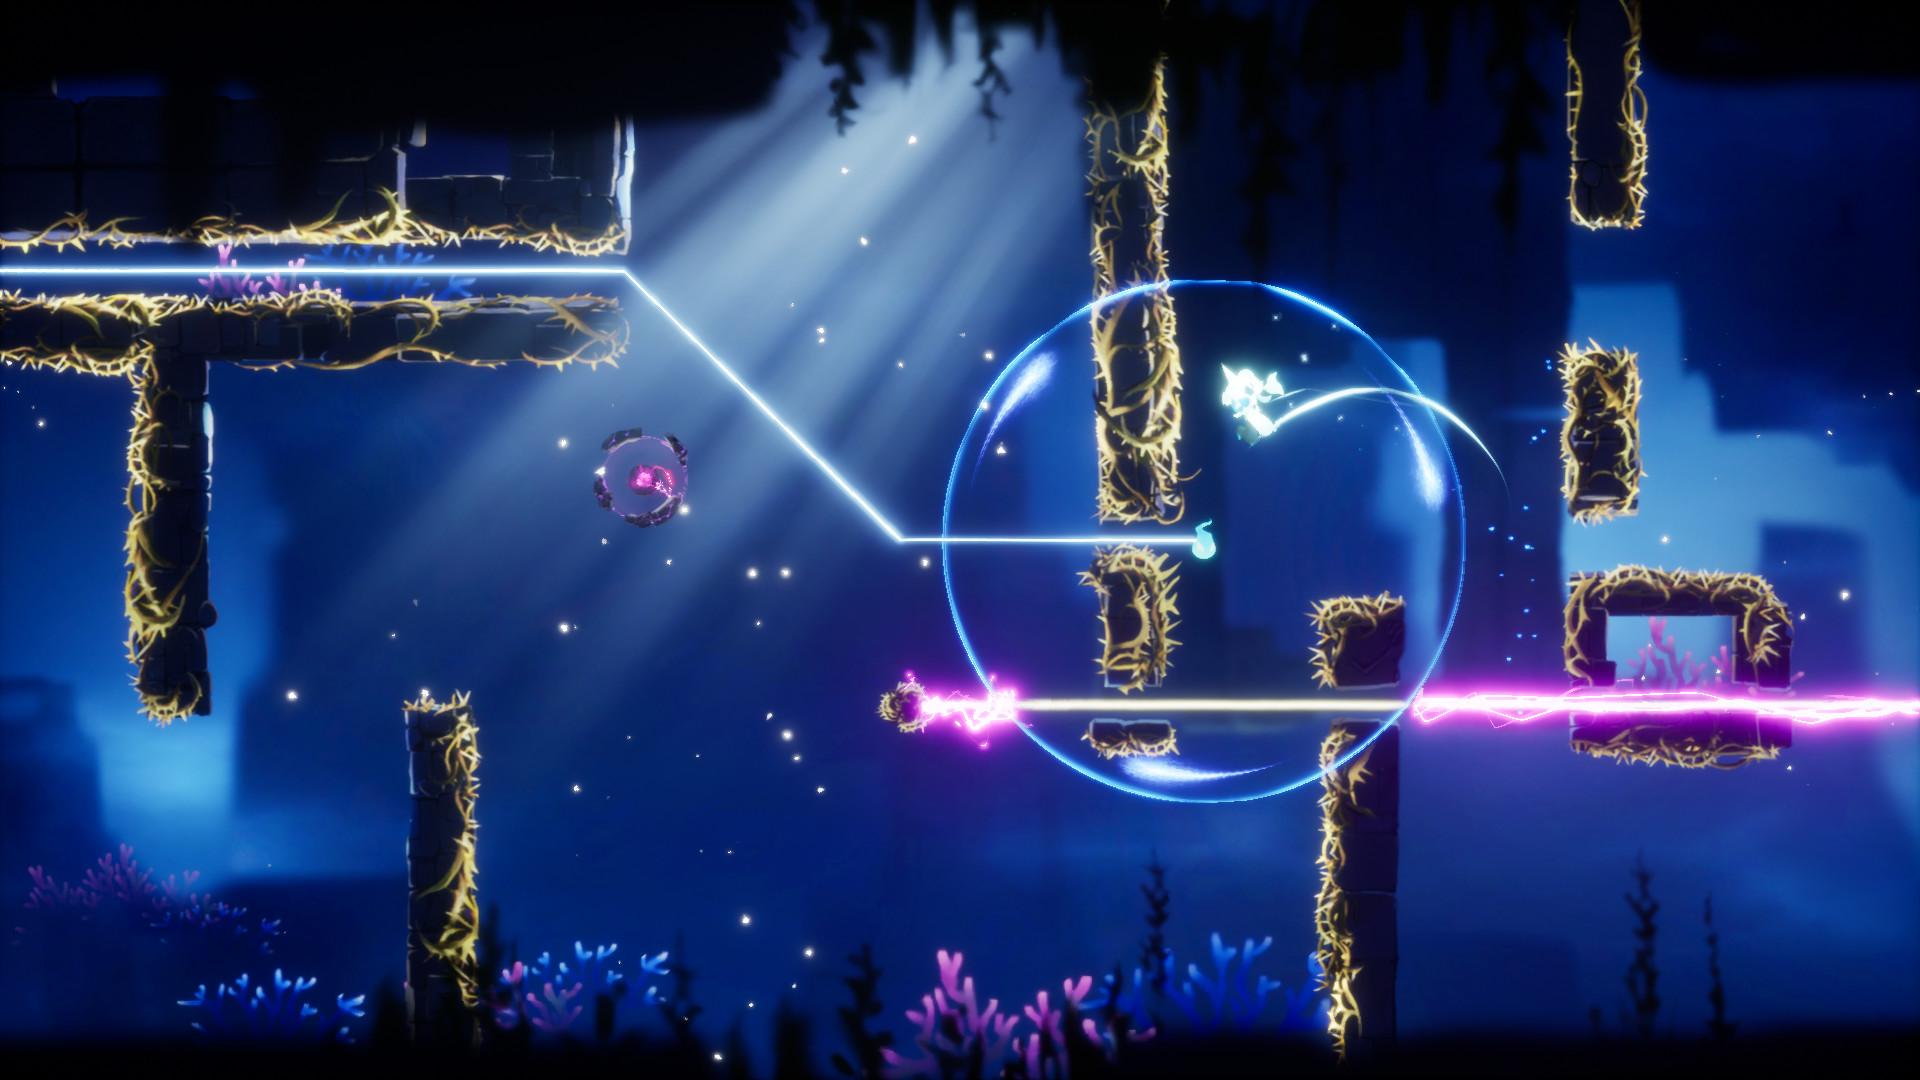 lumione-pc-screenshot-4